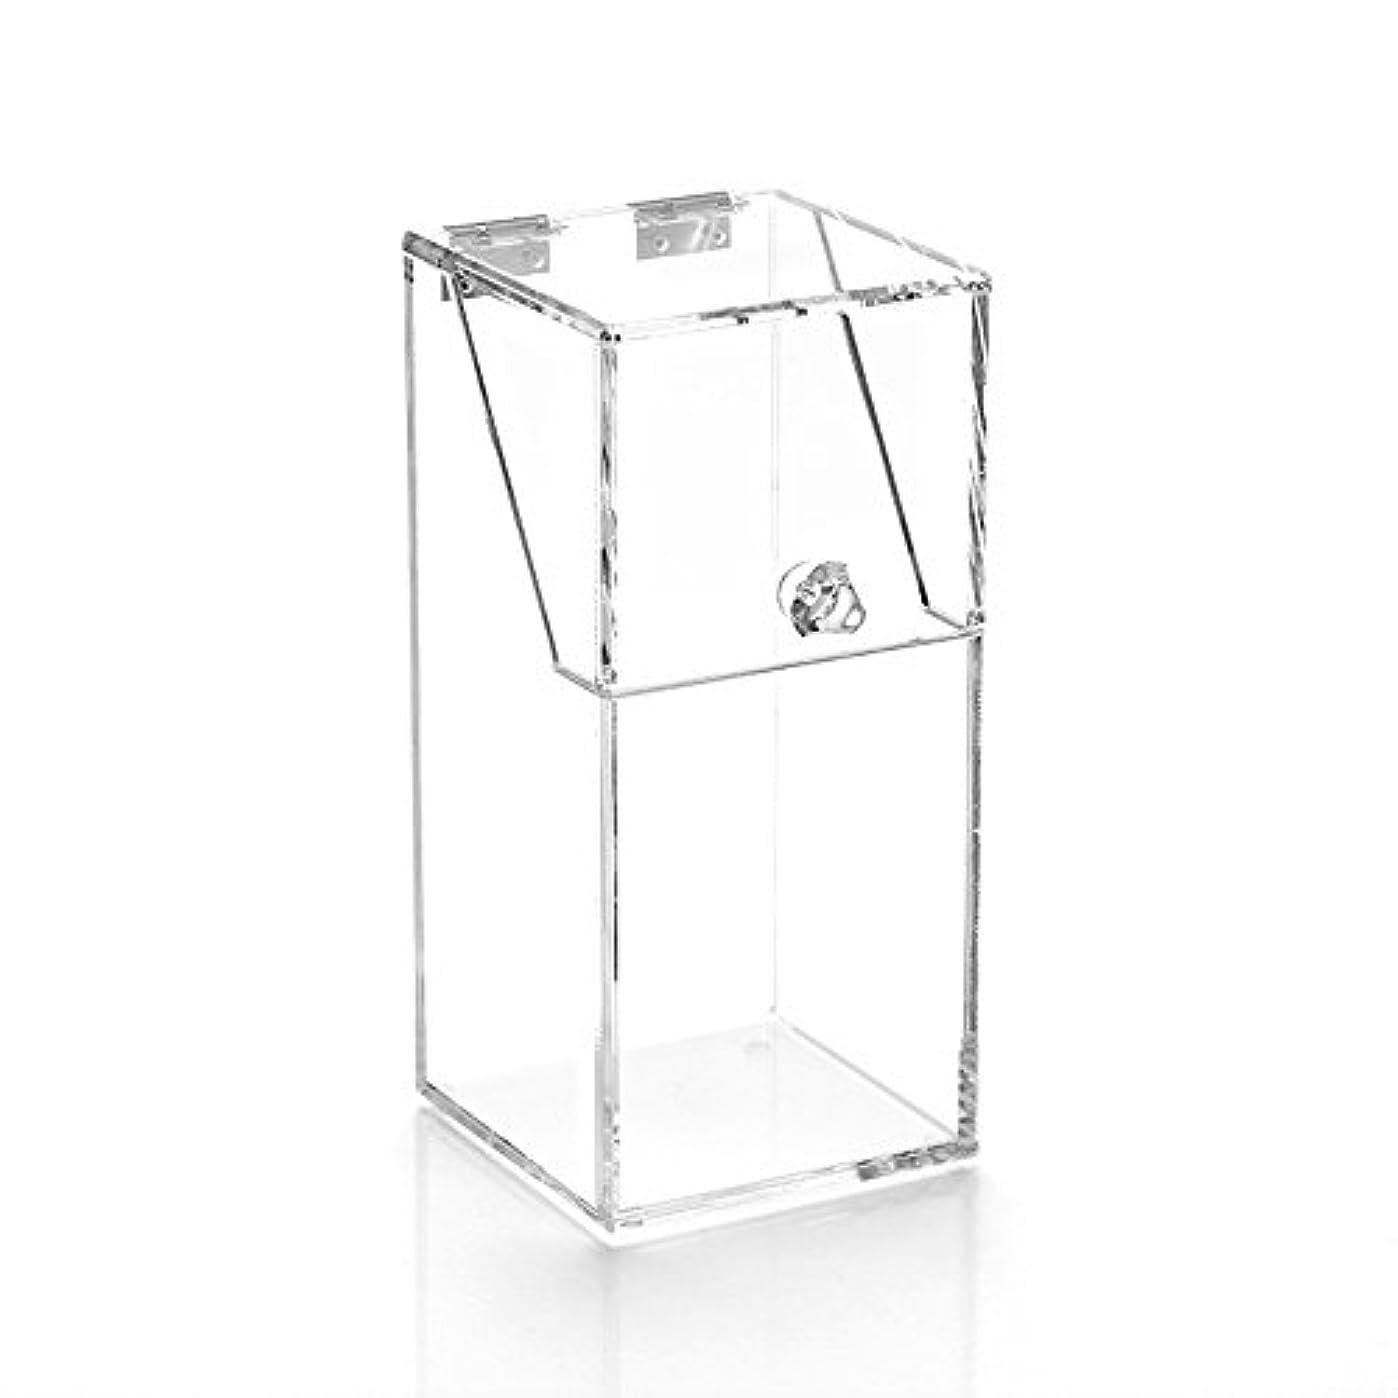 批判残り物デザイナーYouth Union ブラシ収納ボックス、大容量のストレージボックス透明なアクリル (10*10*21.5CM)